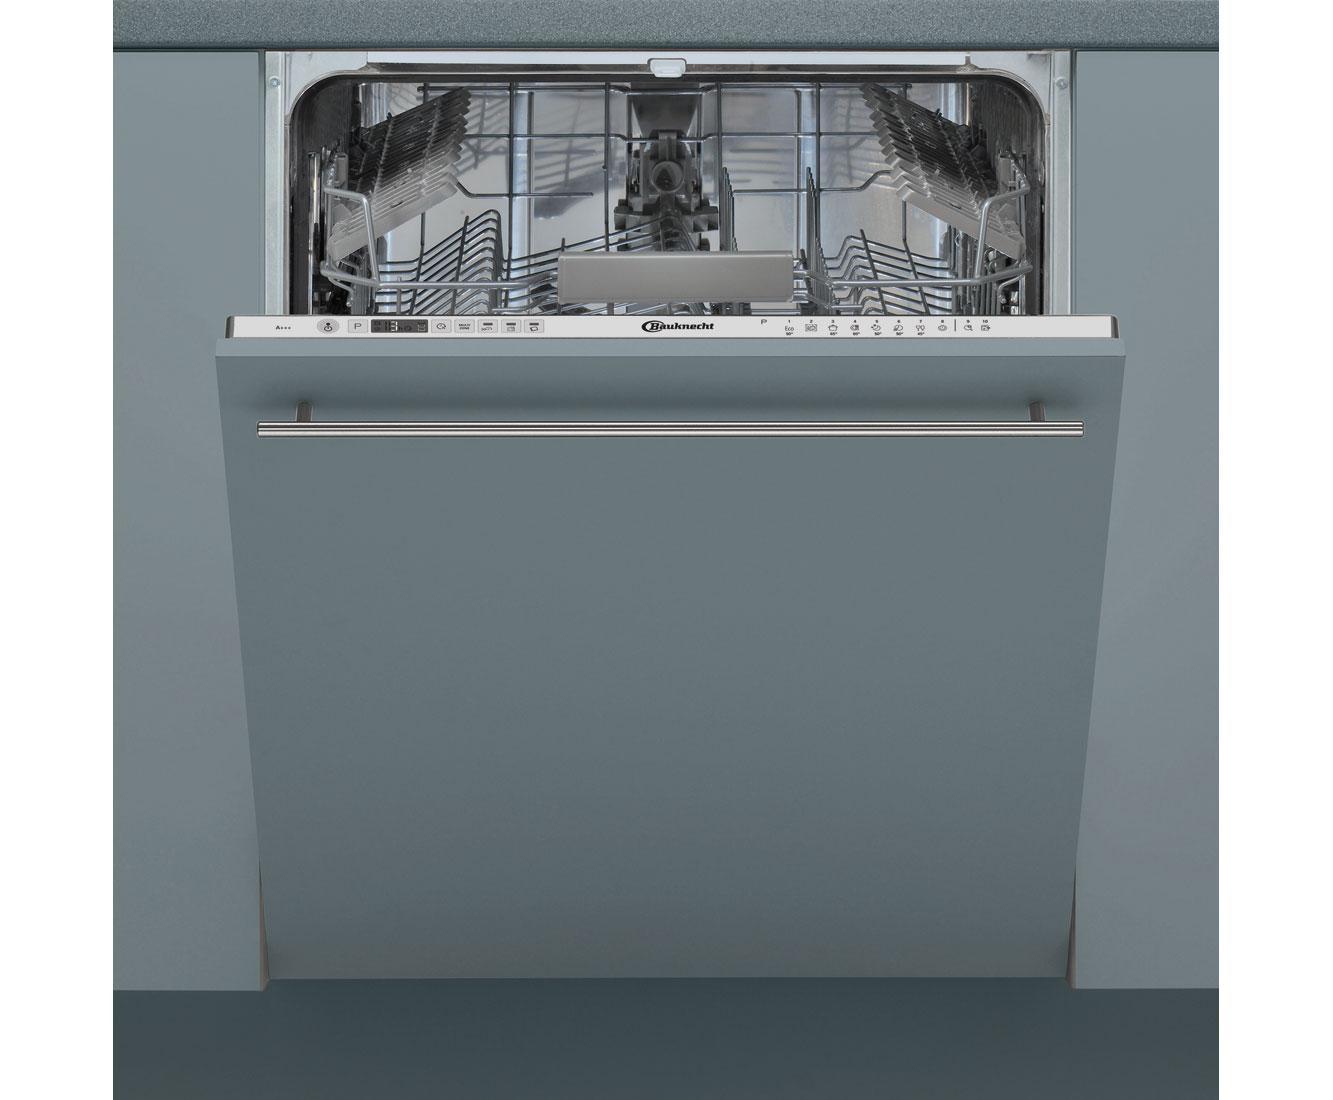 Bauknecht Ibio 3c34 Vollintegrierter Geschirrspuler 60 Cm A